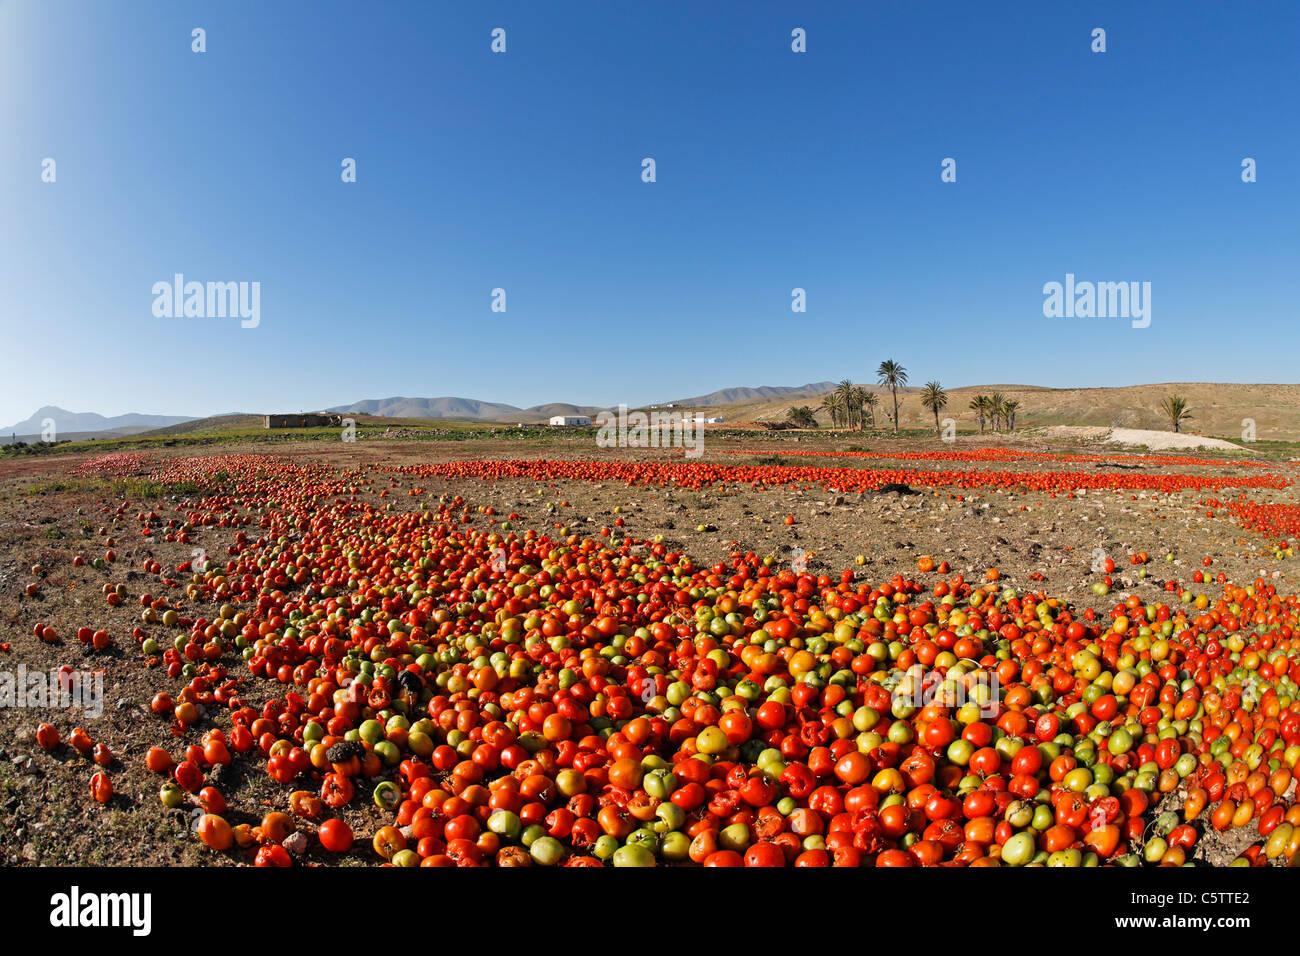 Spanien, Kanarische Inseln, Fuerteventura, Landschaft mit Tomaten in der Nähe von Tuineje Stockbild